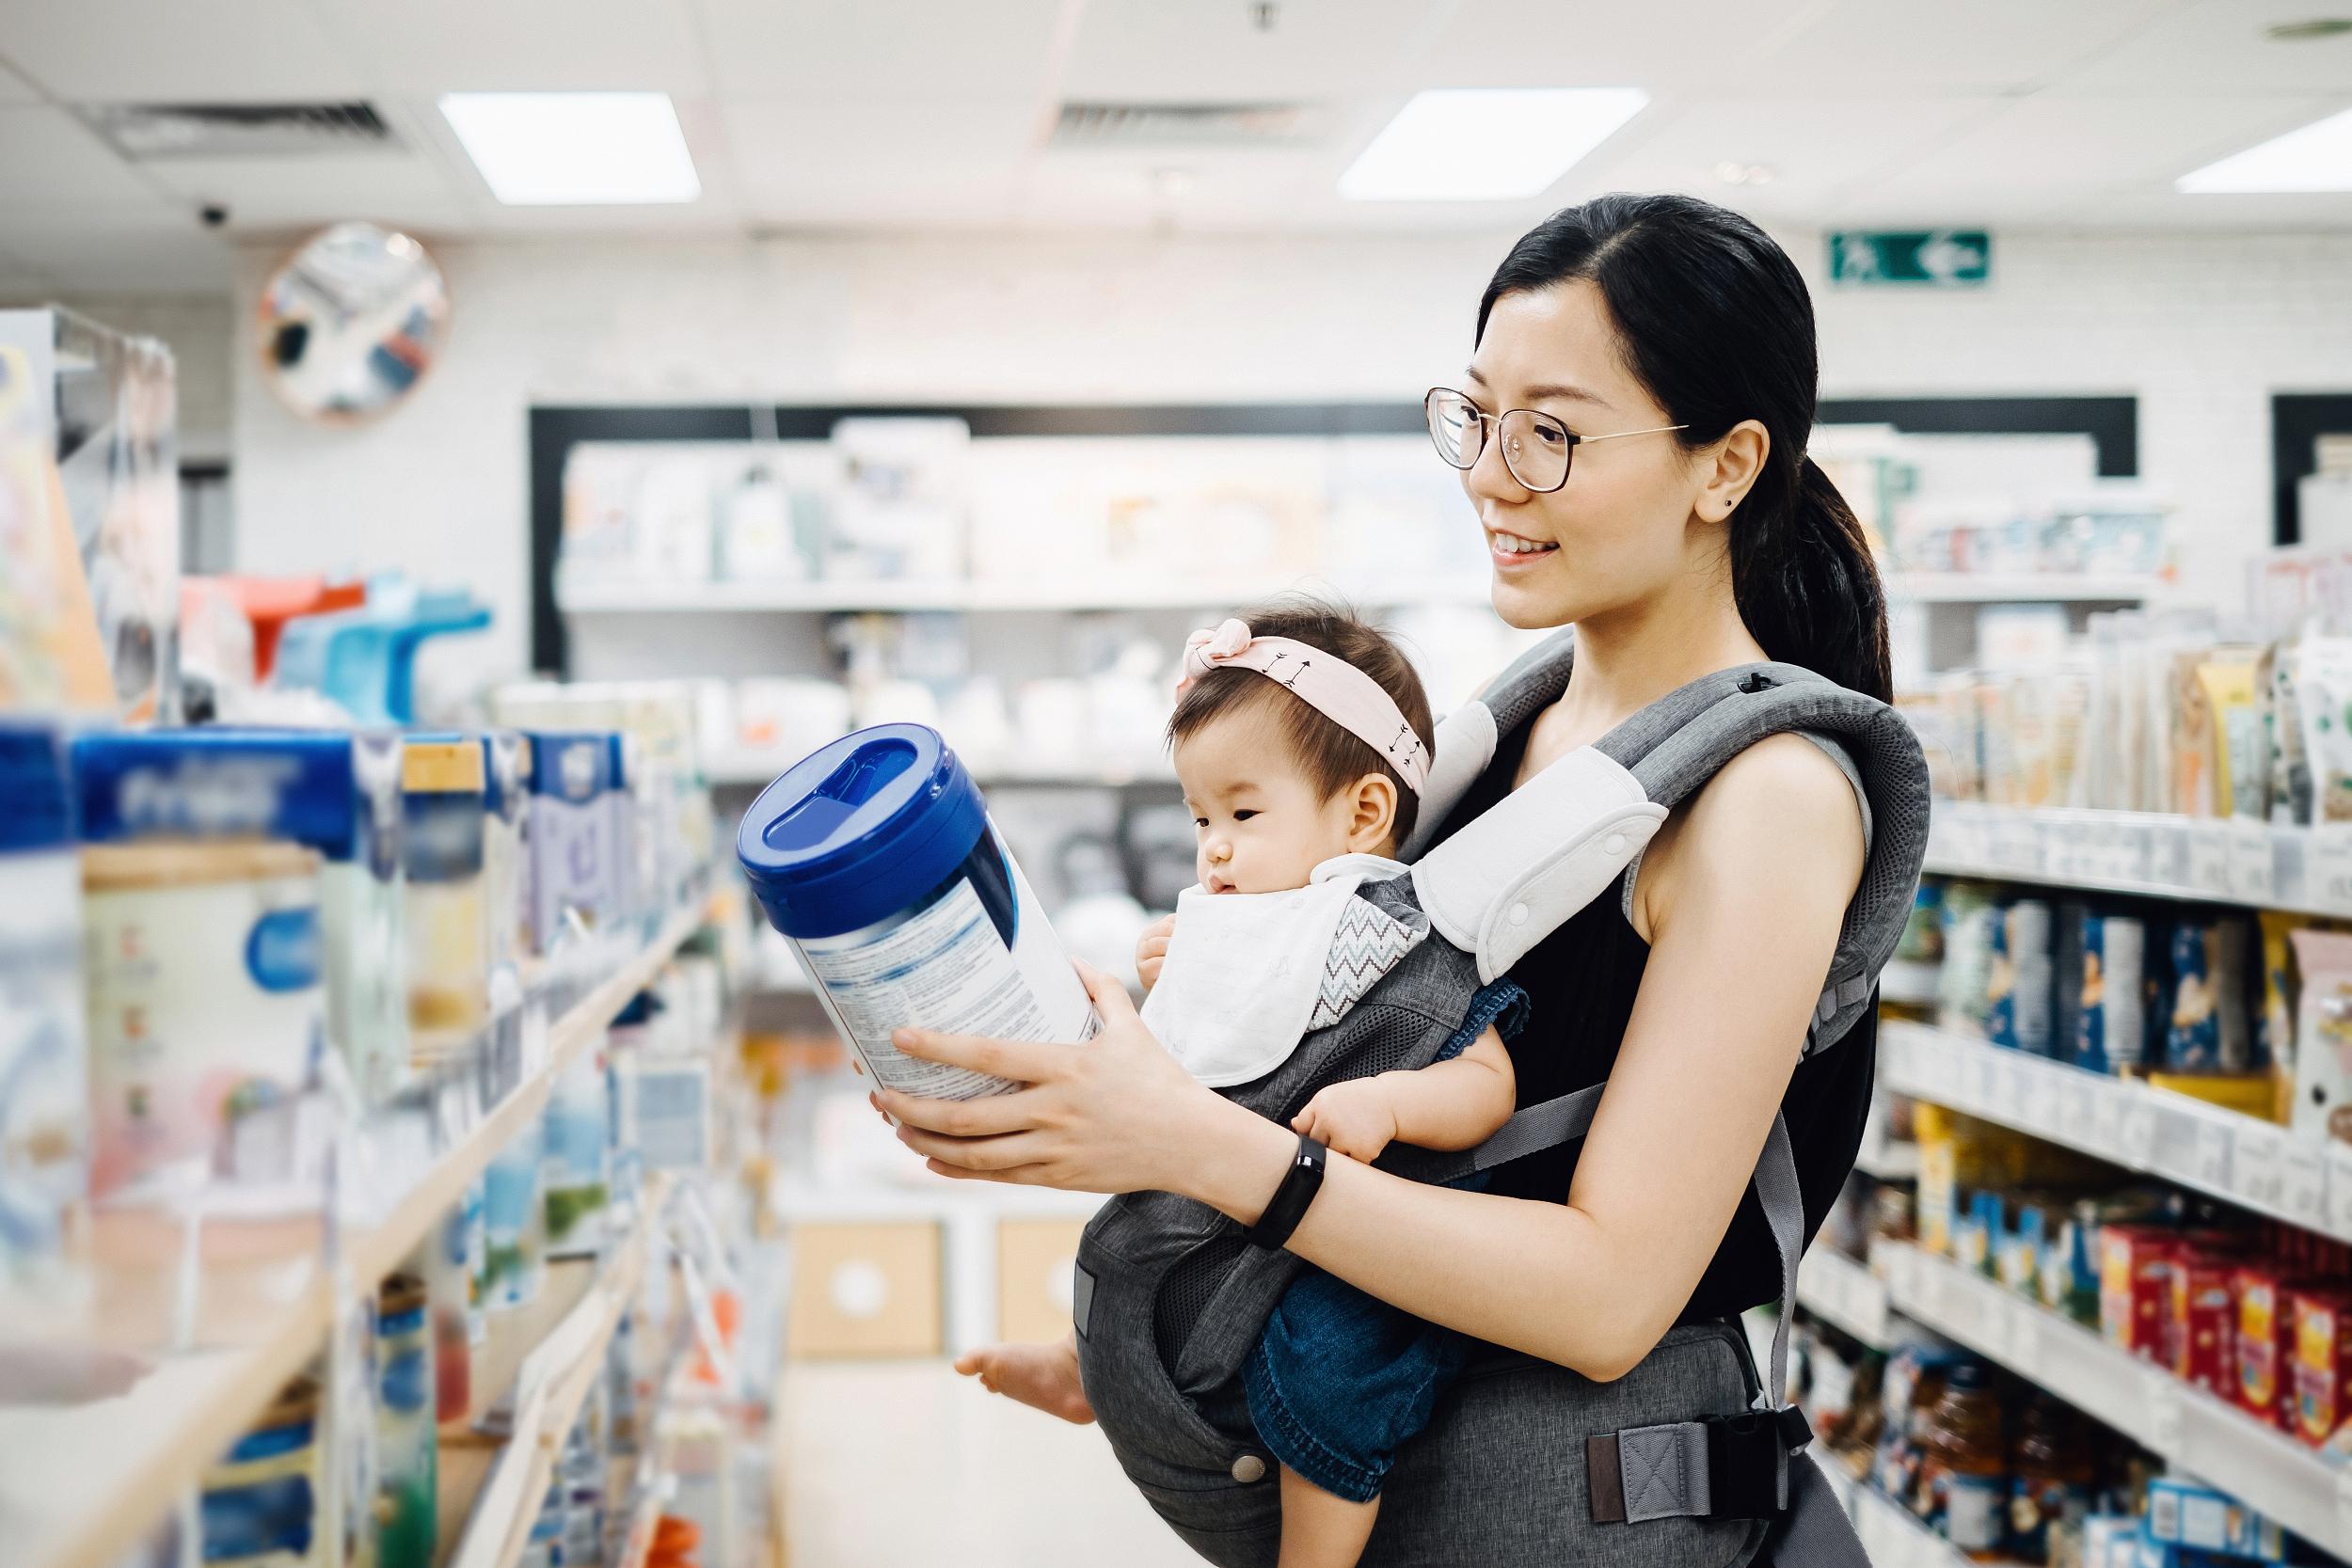 配方奶粉可以完全替代母乳?你可能掉入了企业的宣传圈套